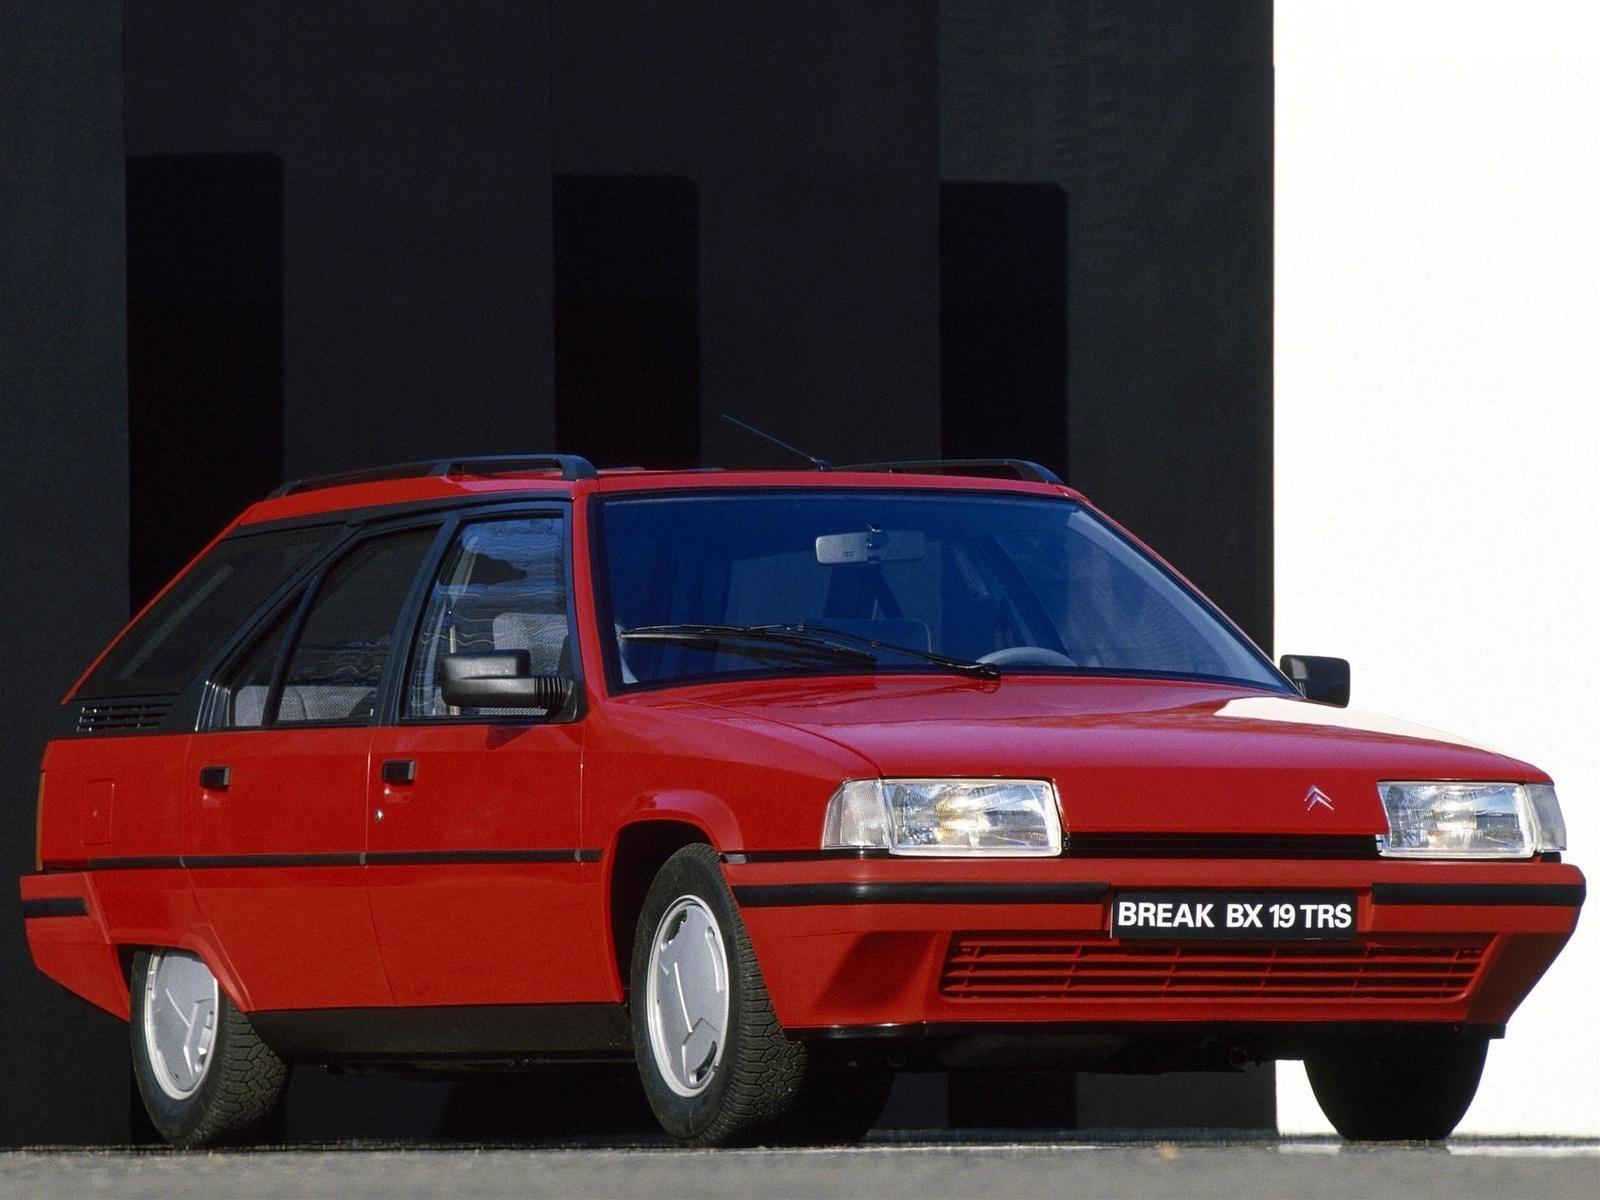 BX 19 TRS Break 1986